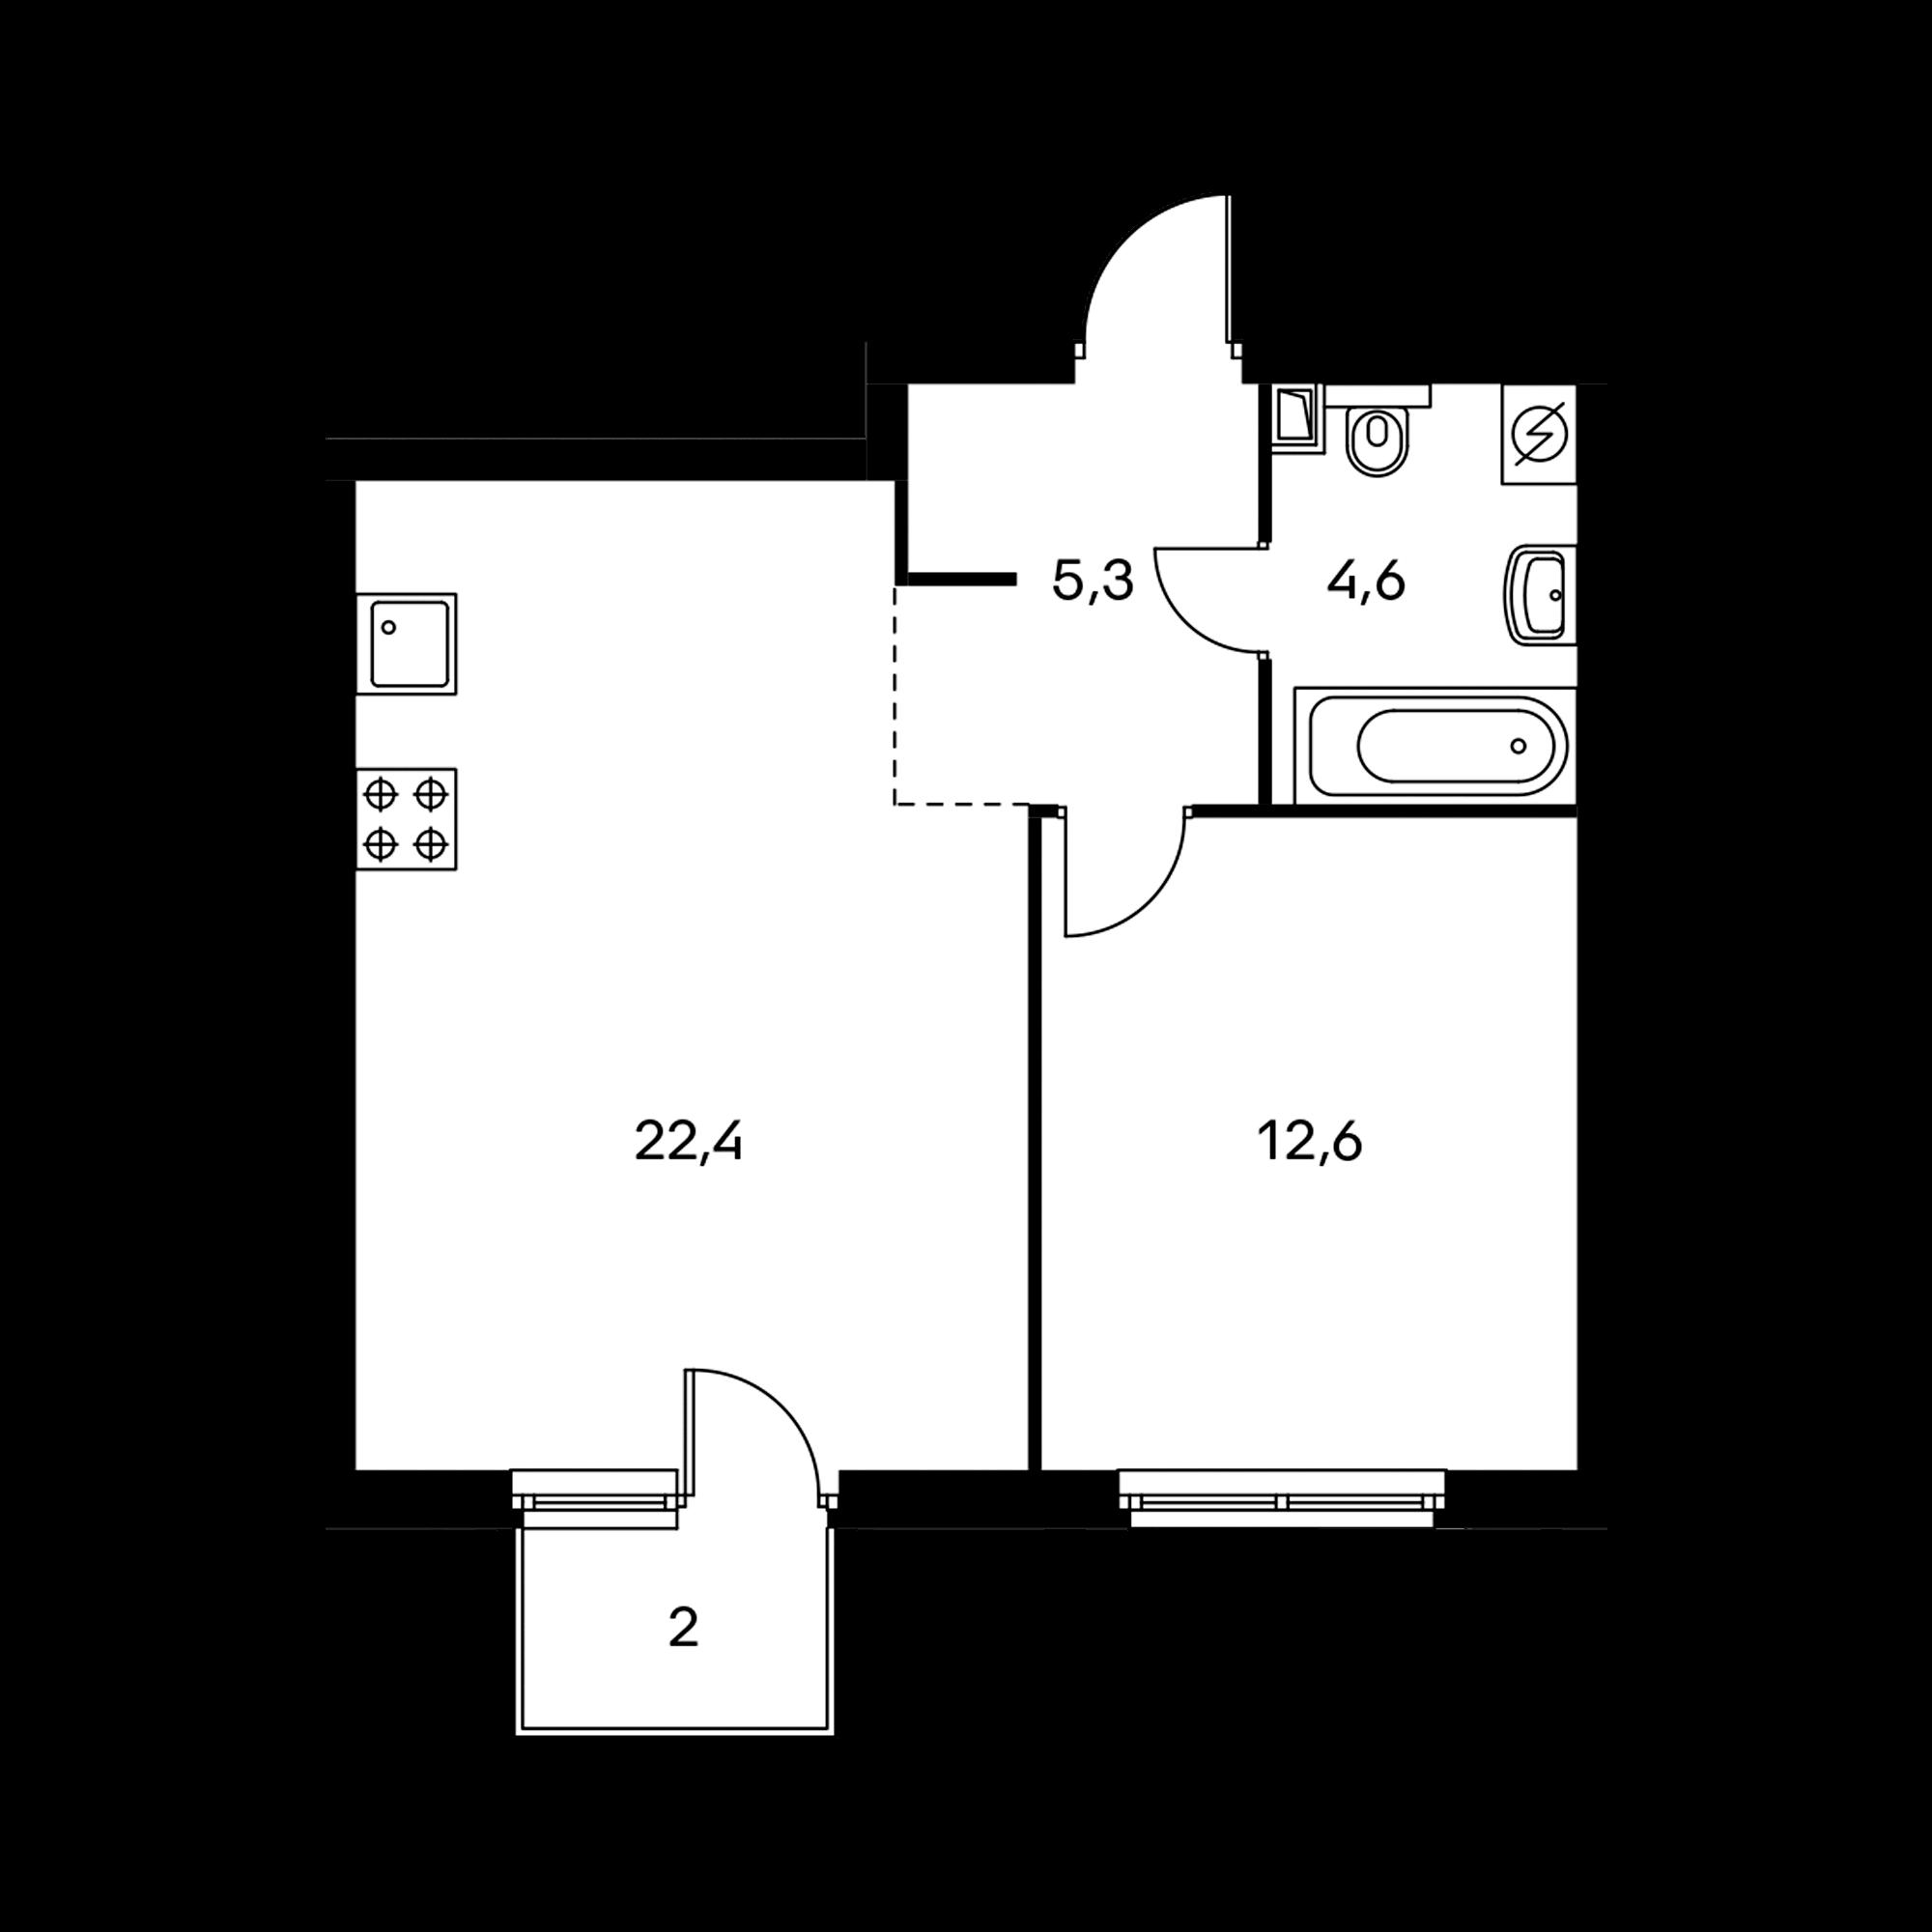 1EL3_7.5-B1